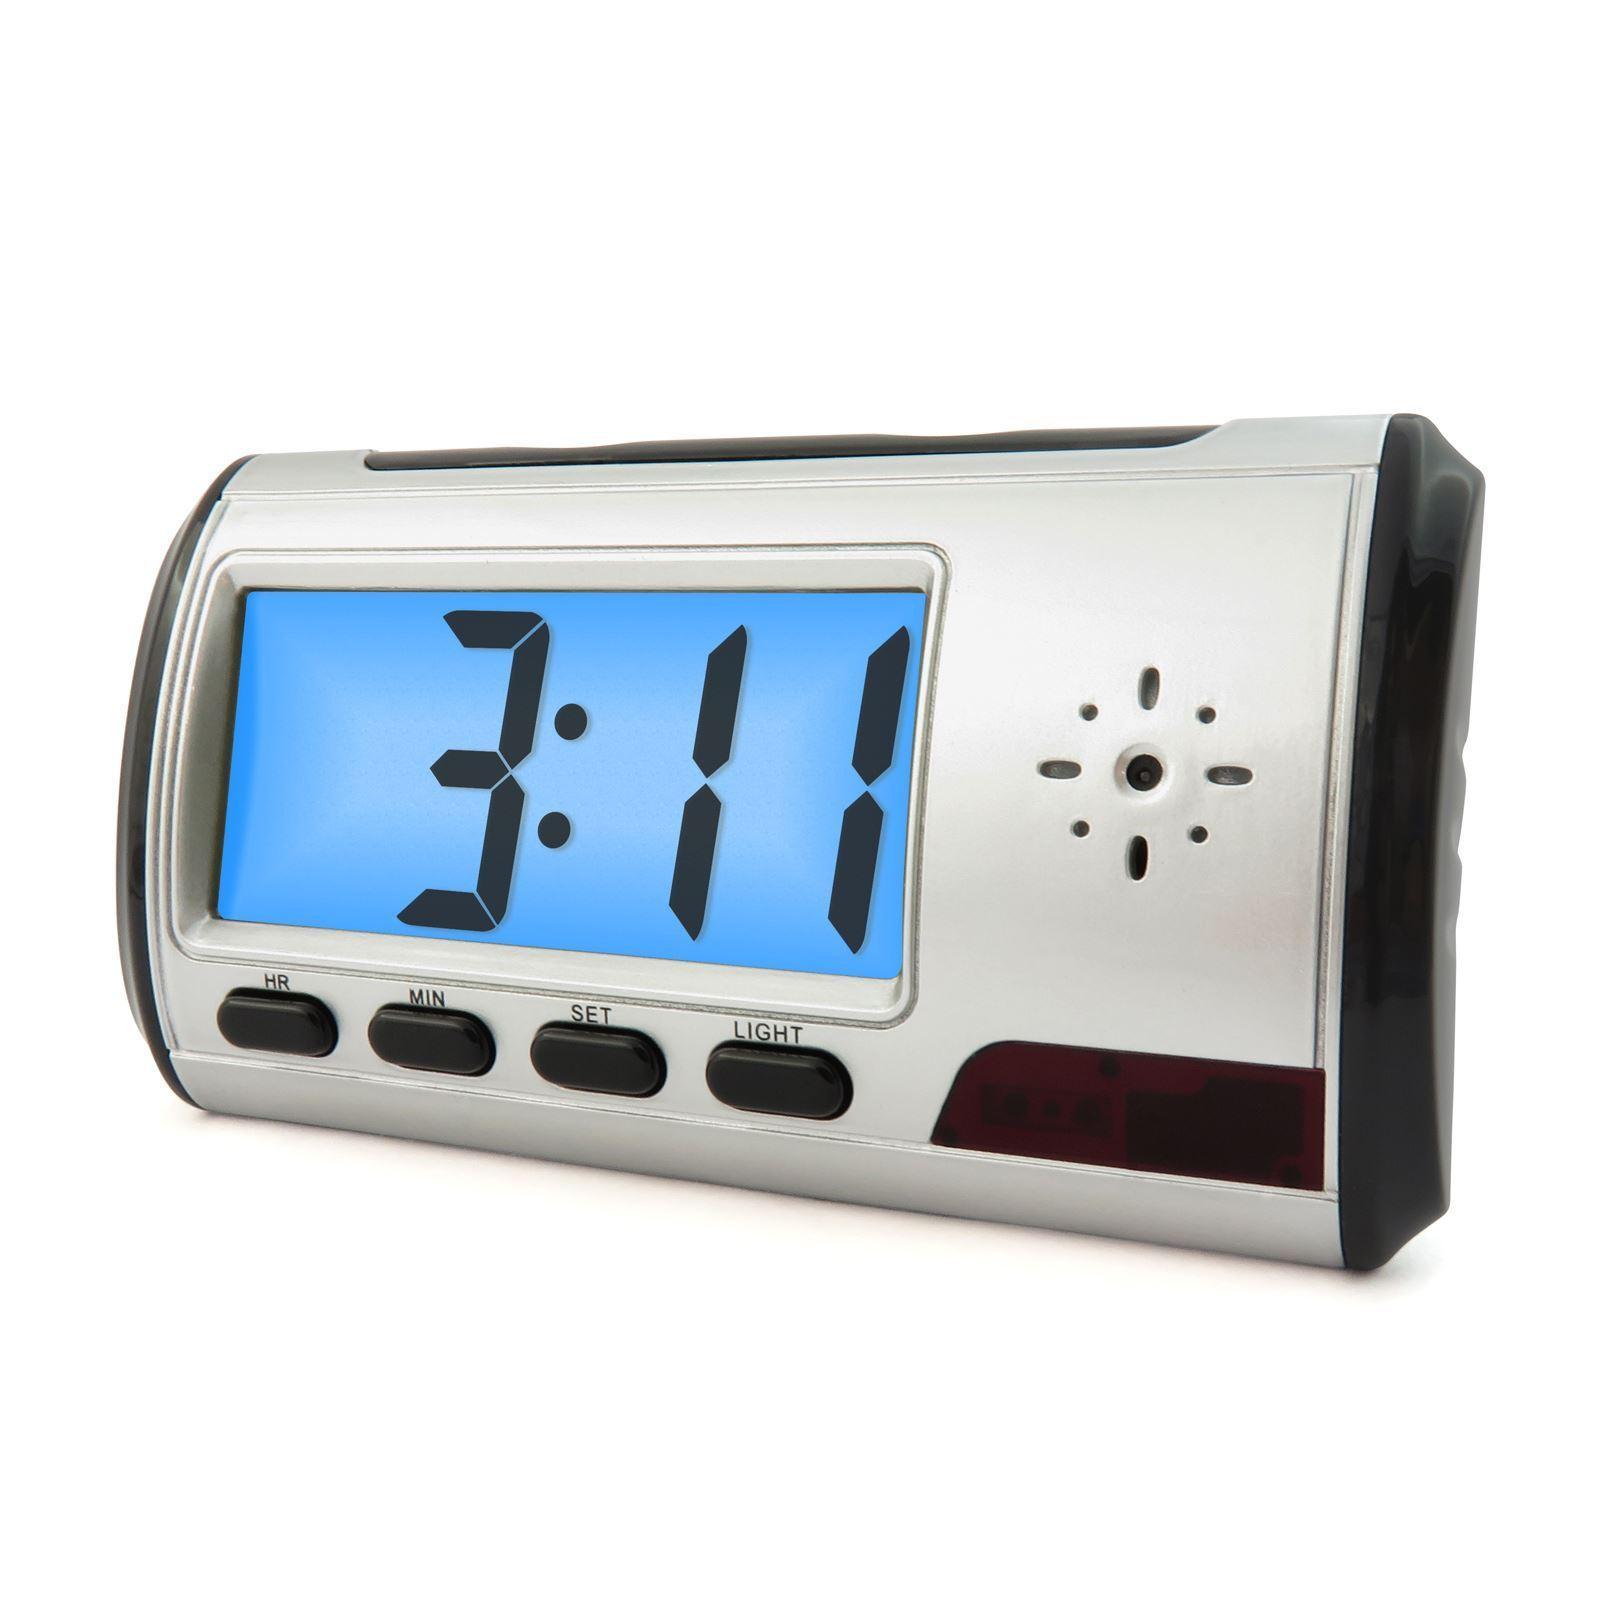 Spy Camera Alarm Clock Mini Video Recorder Hidden Nanny